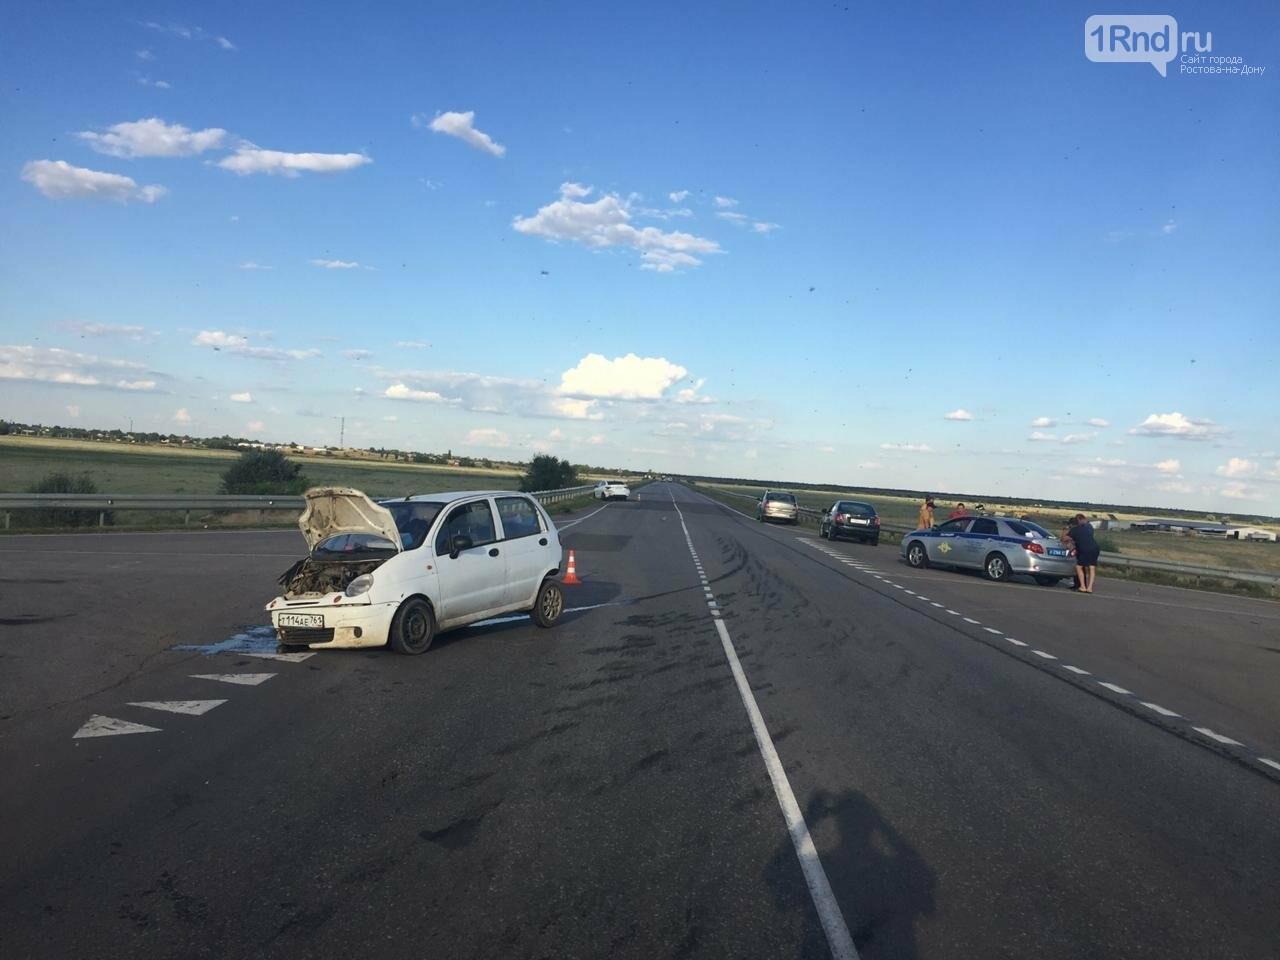 В Ростовской области в лобовом ДТП пострадали три человека, фото-1